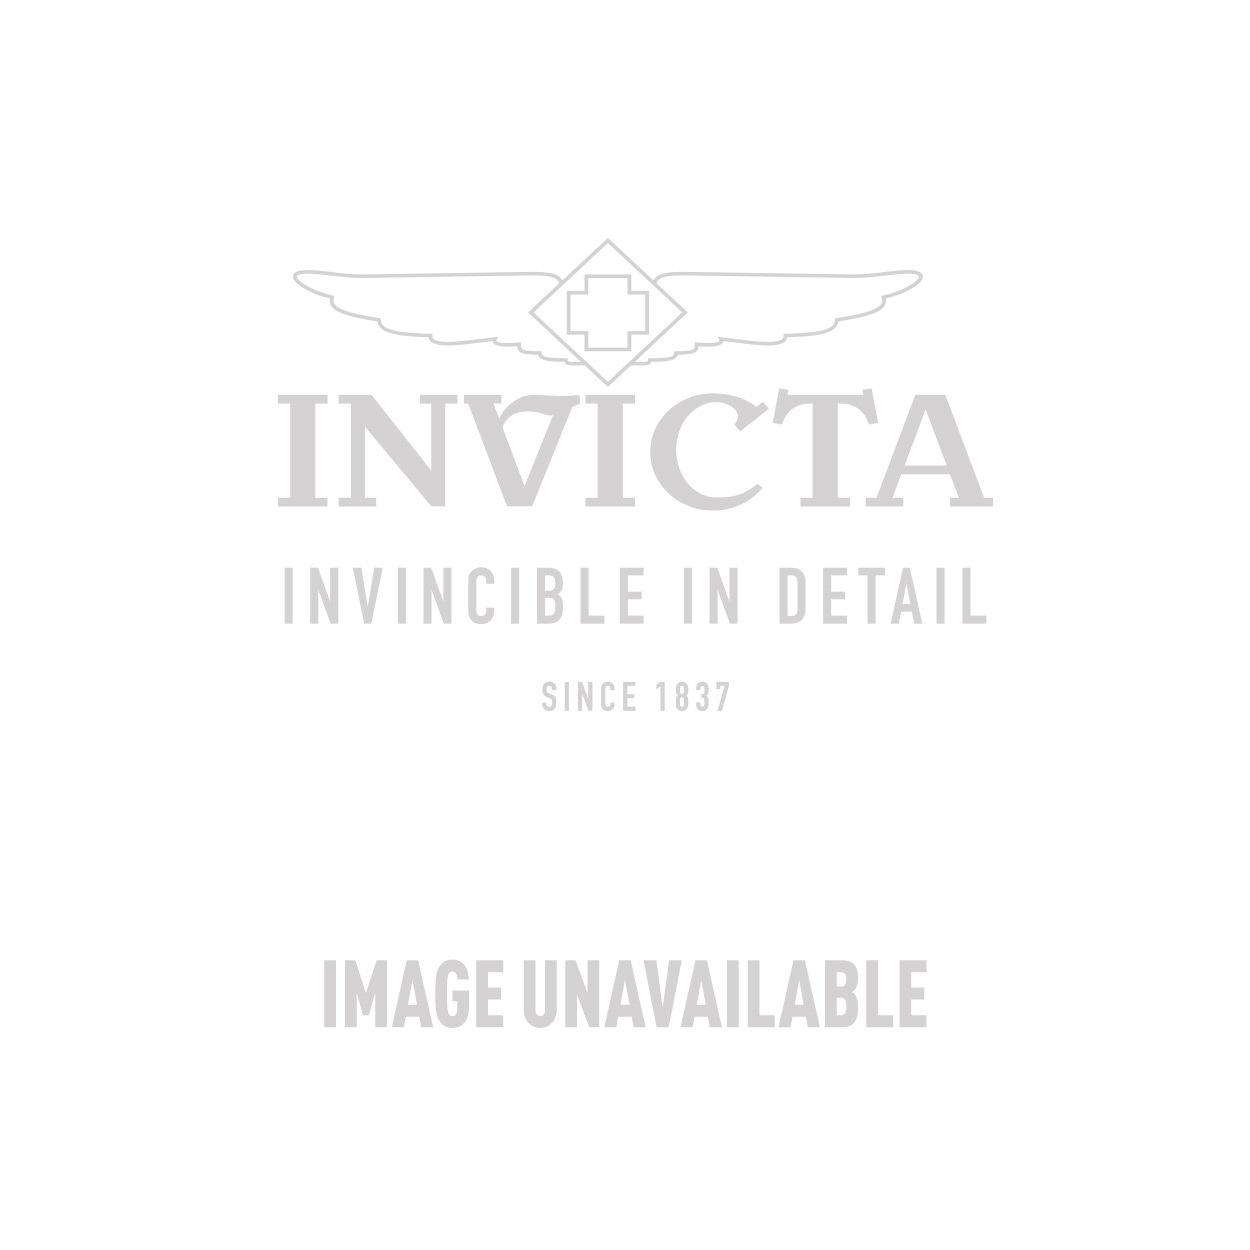 Invicta Model 25808